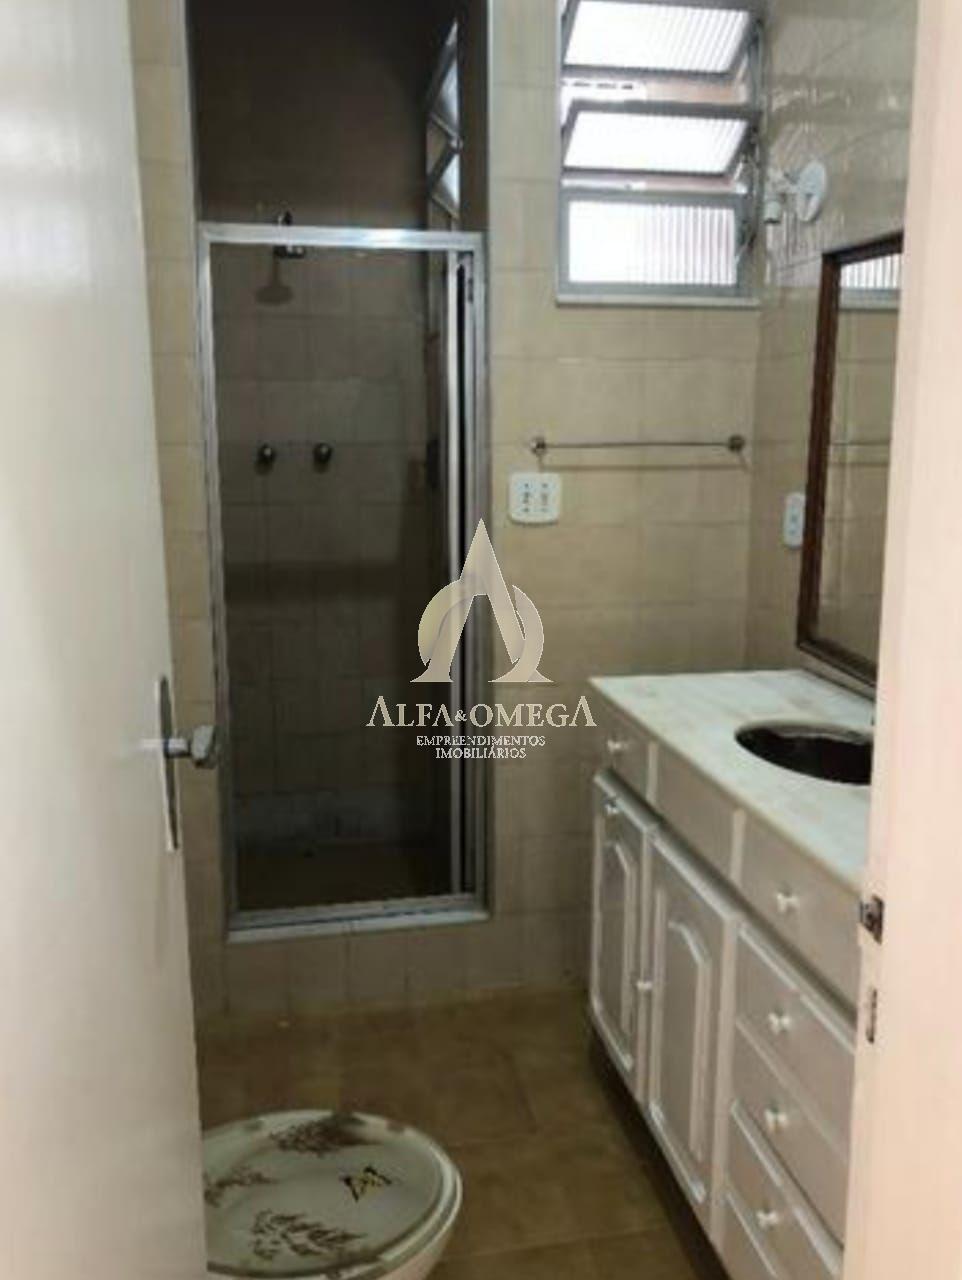 FOTO 13 - Apartamento Ipanema, Rio de Janeiro, RJ Para Alugar, 3 Quartos, 72m² - AO30117L - 14